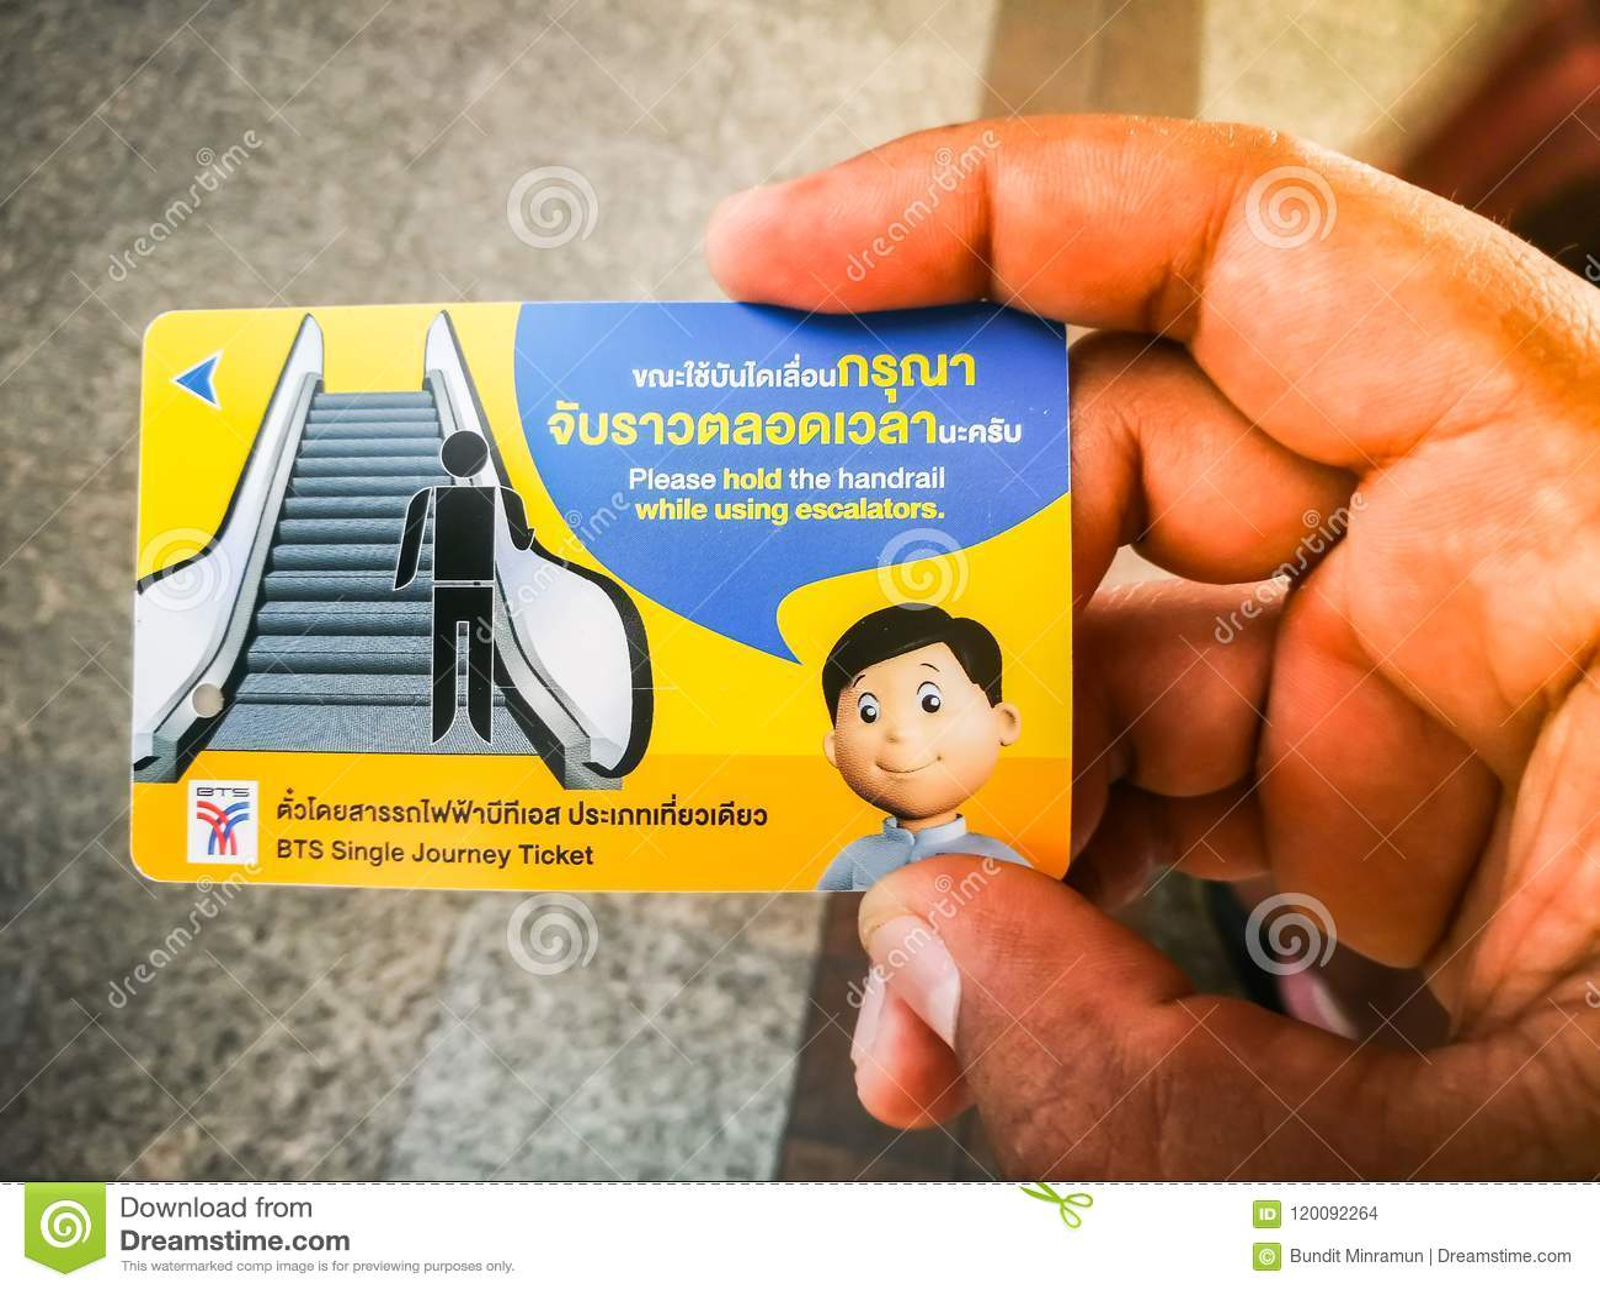 Билет на поезд метро BTS железнодорожный с удерживанием руки человека